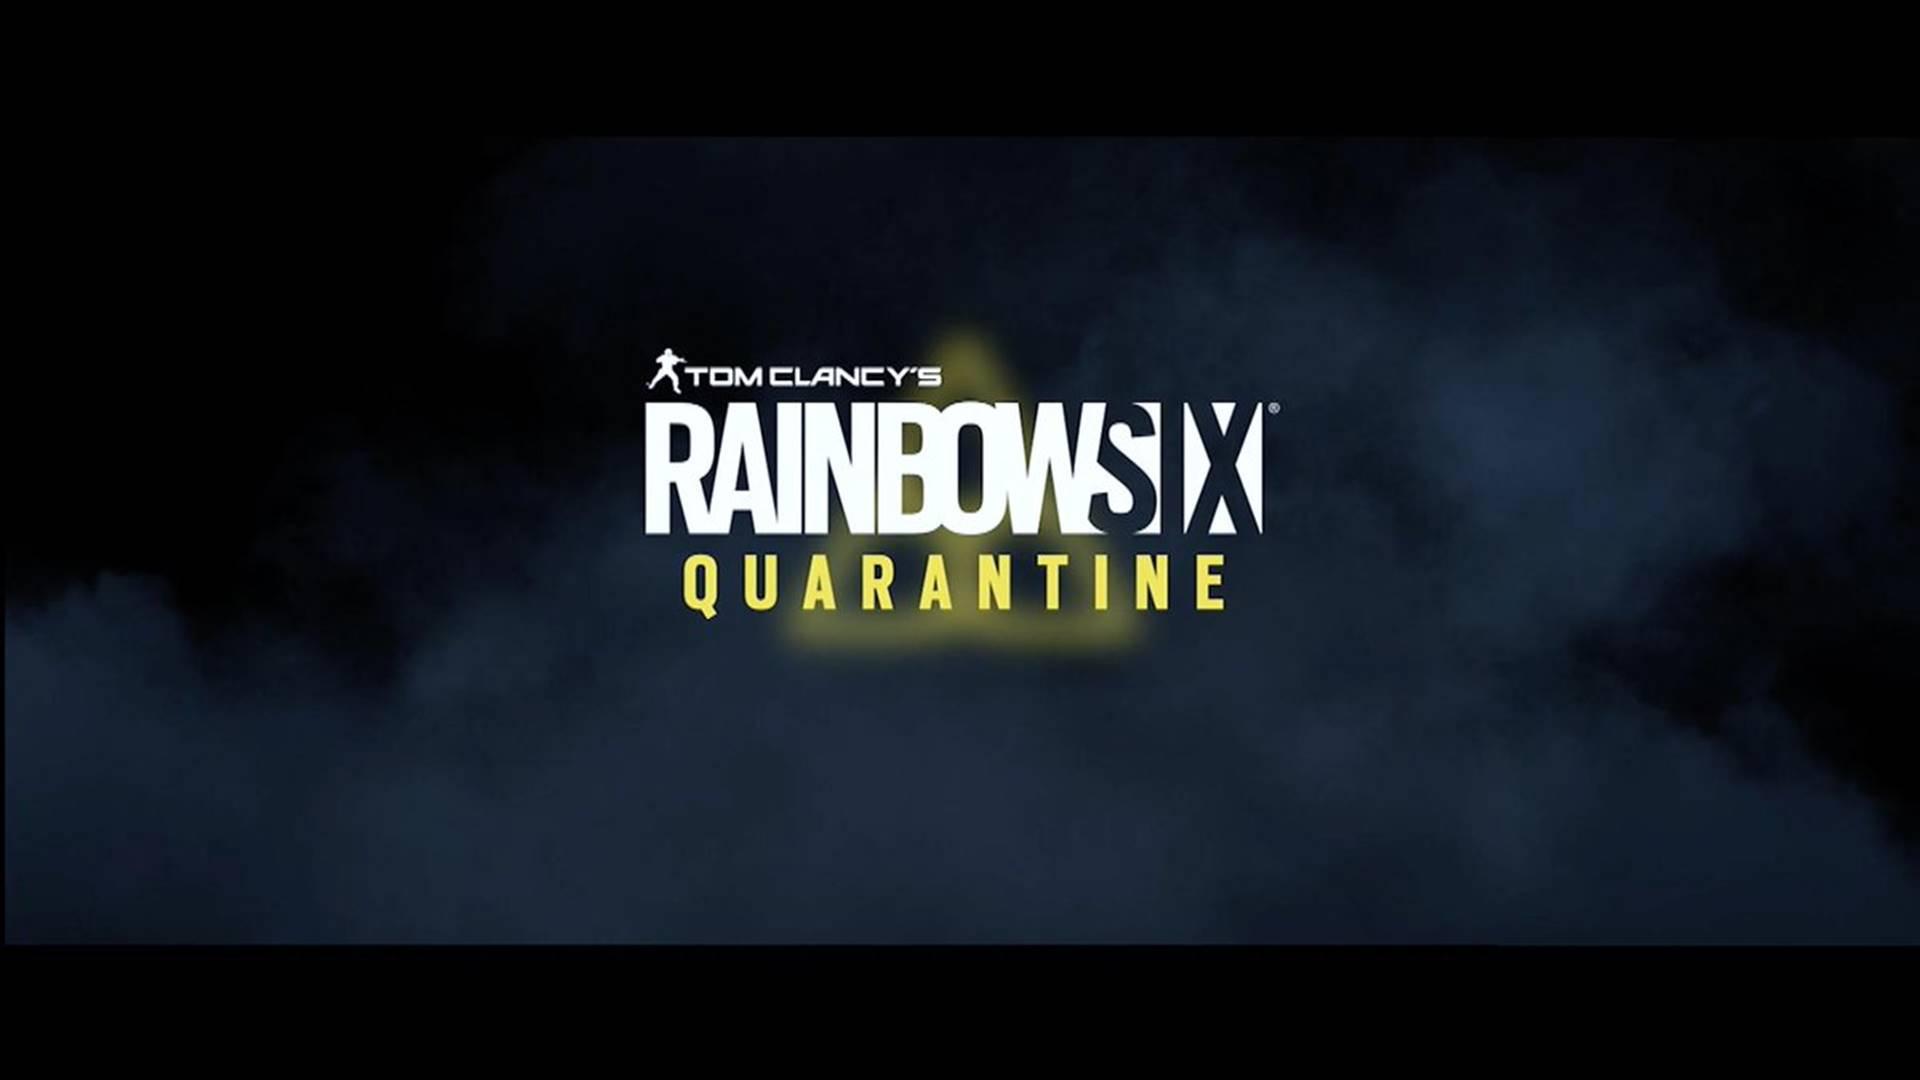 بازهی زمانی انتشار Rainbow Six Quarantine مشخص شد